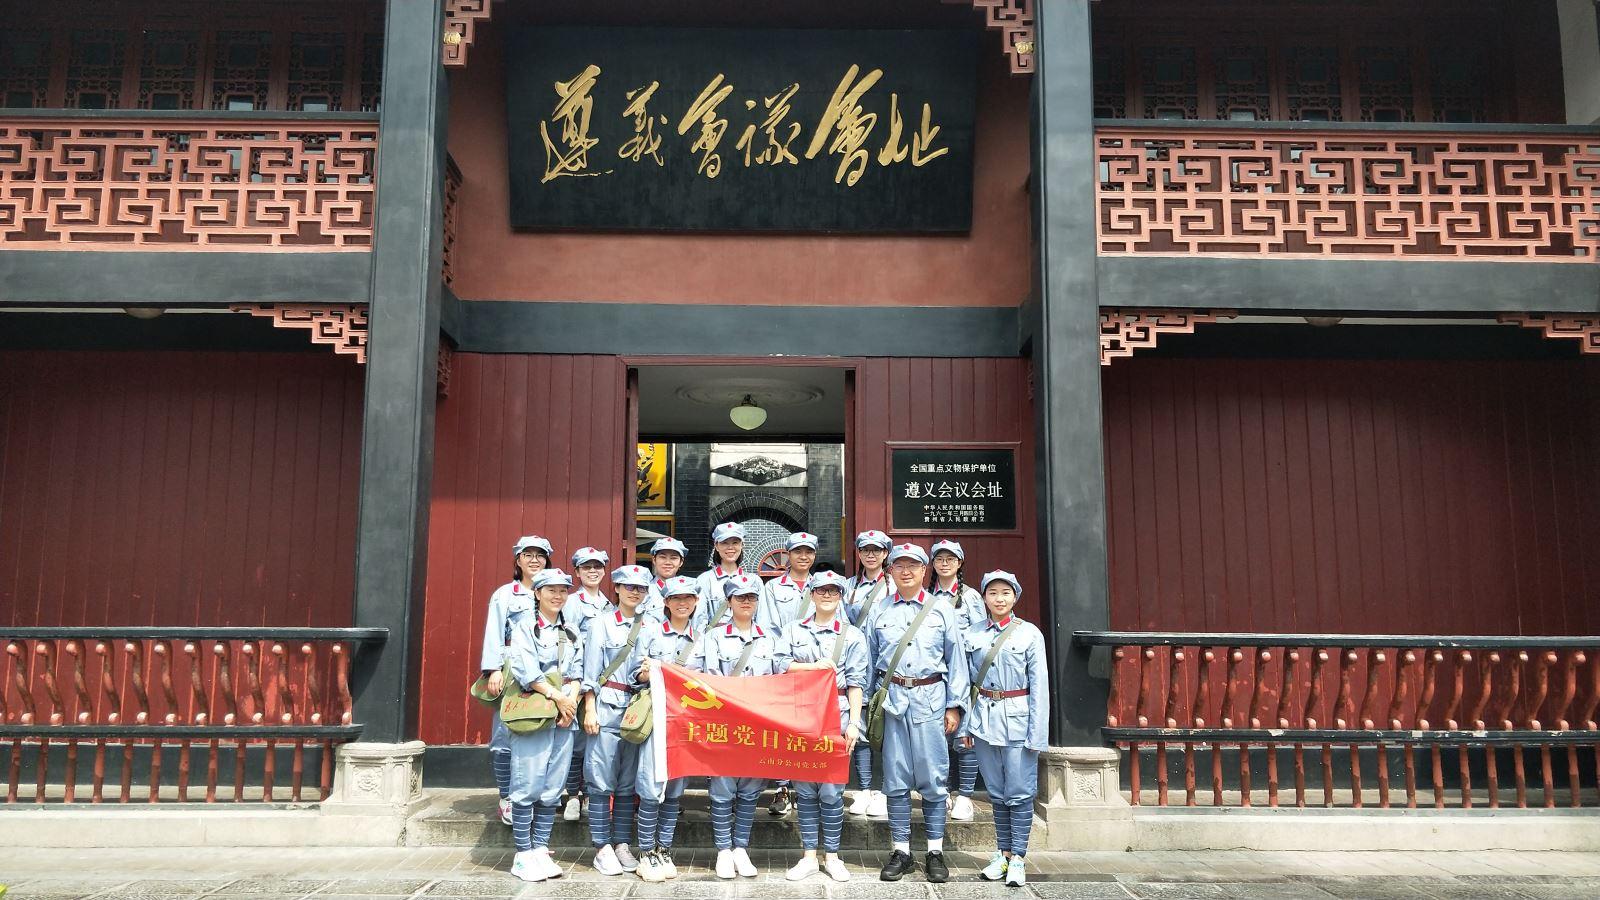 重温党史 追寻红色足迹——中国移动云南分公司党支部